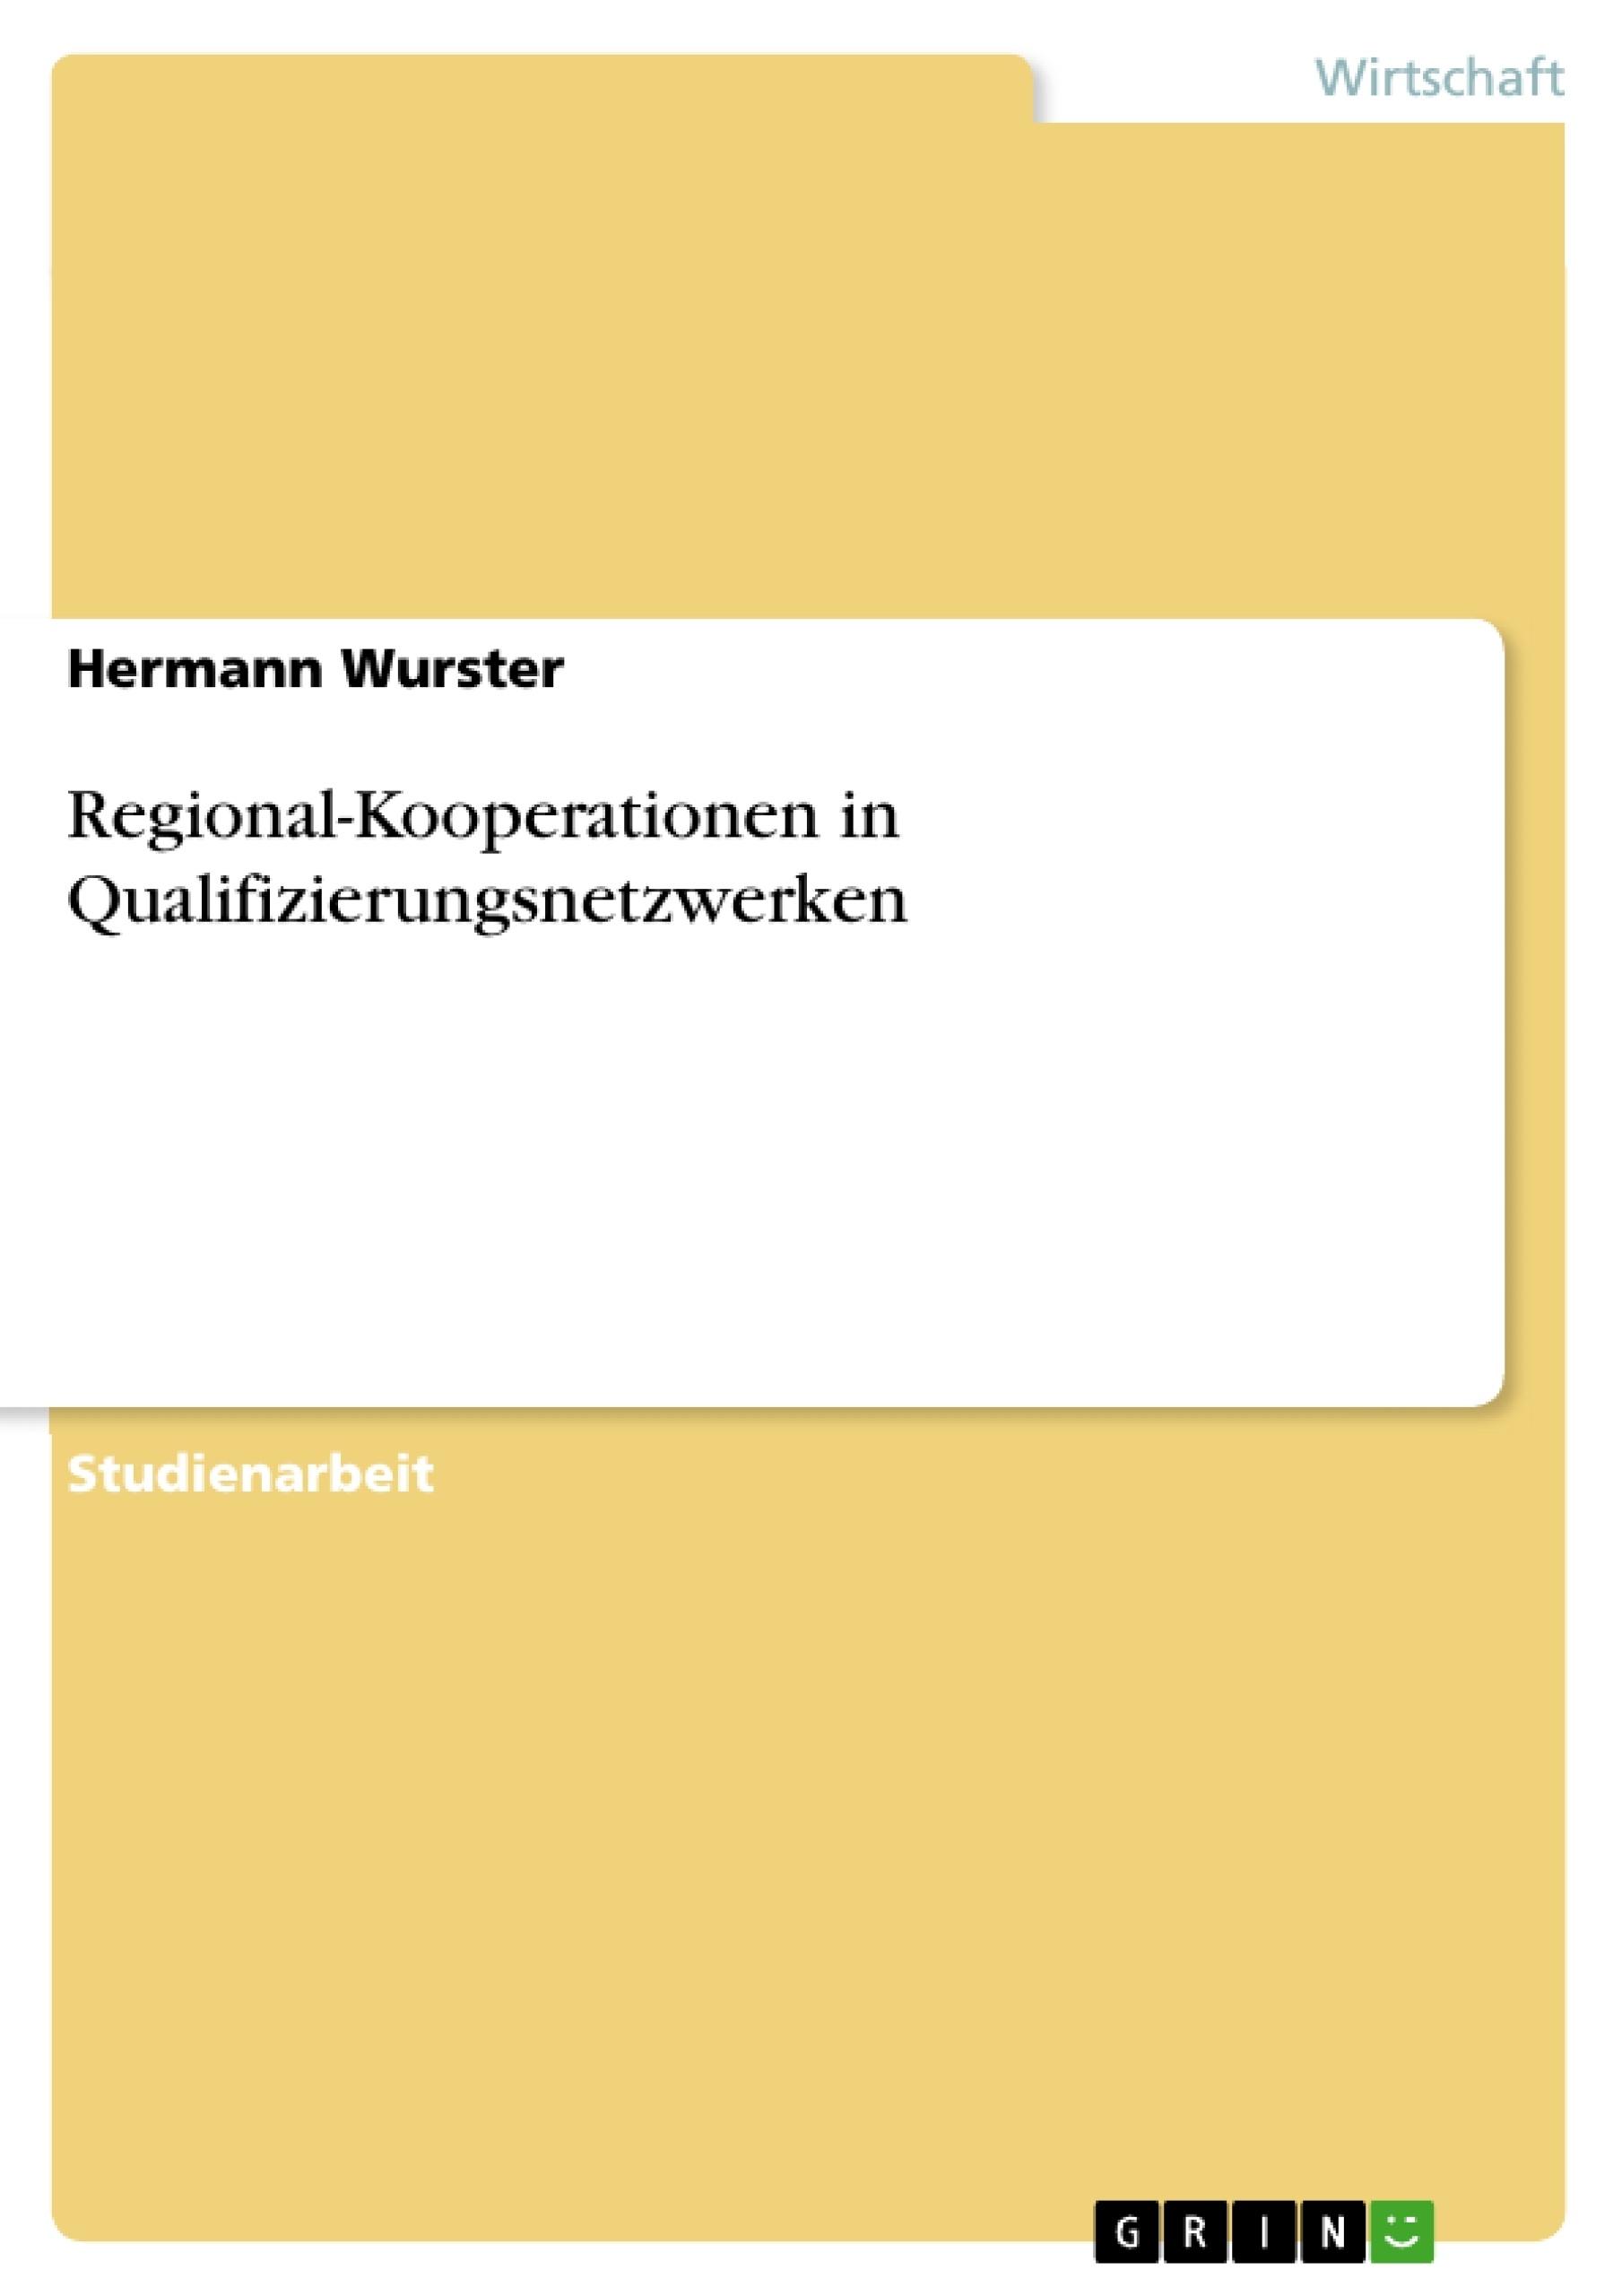 Titel: Regional-Kooperationen in Qualifizierungsnetzwerken